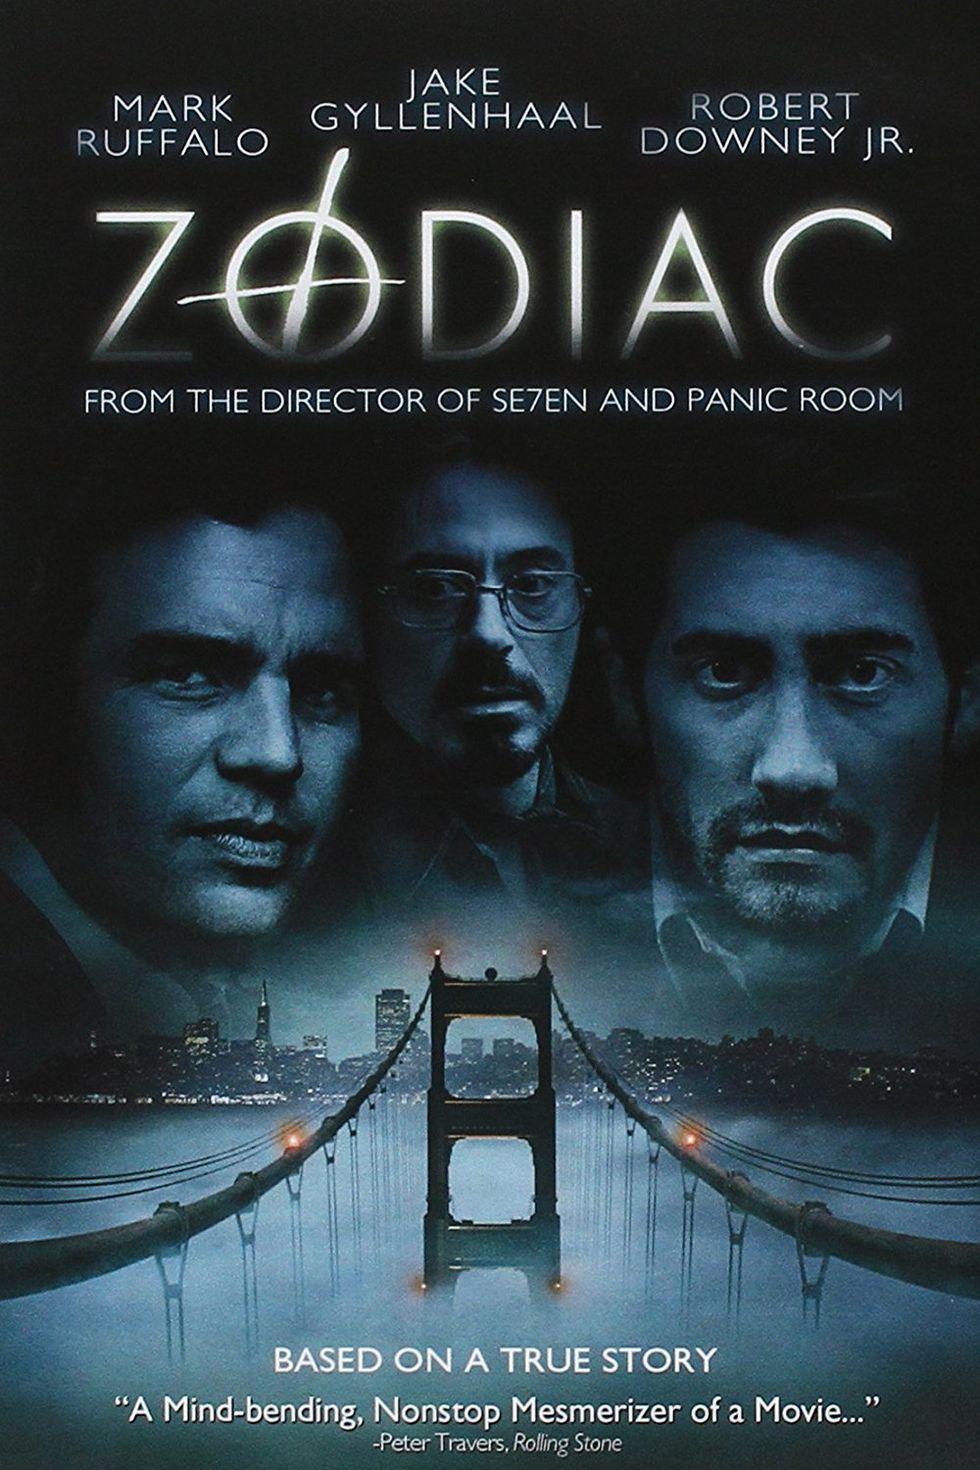 """""""Зодиак"""" (2007) Наистина смразяваща история за разследването на действията на сериен убиец в Сан Франциско през 60-те и 70-те години на миналия век. Във филма участват Марк Ръфало, Антъни Едуардс, Робърт Дауни Джуниър и Джейк Джилънхол."""